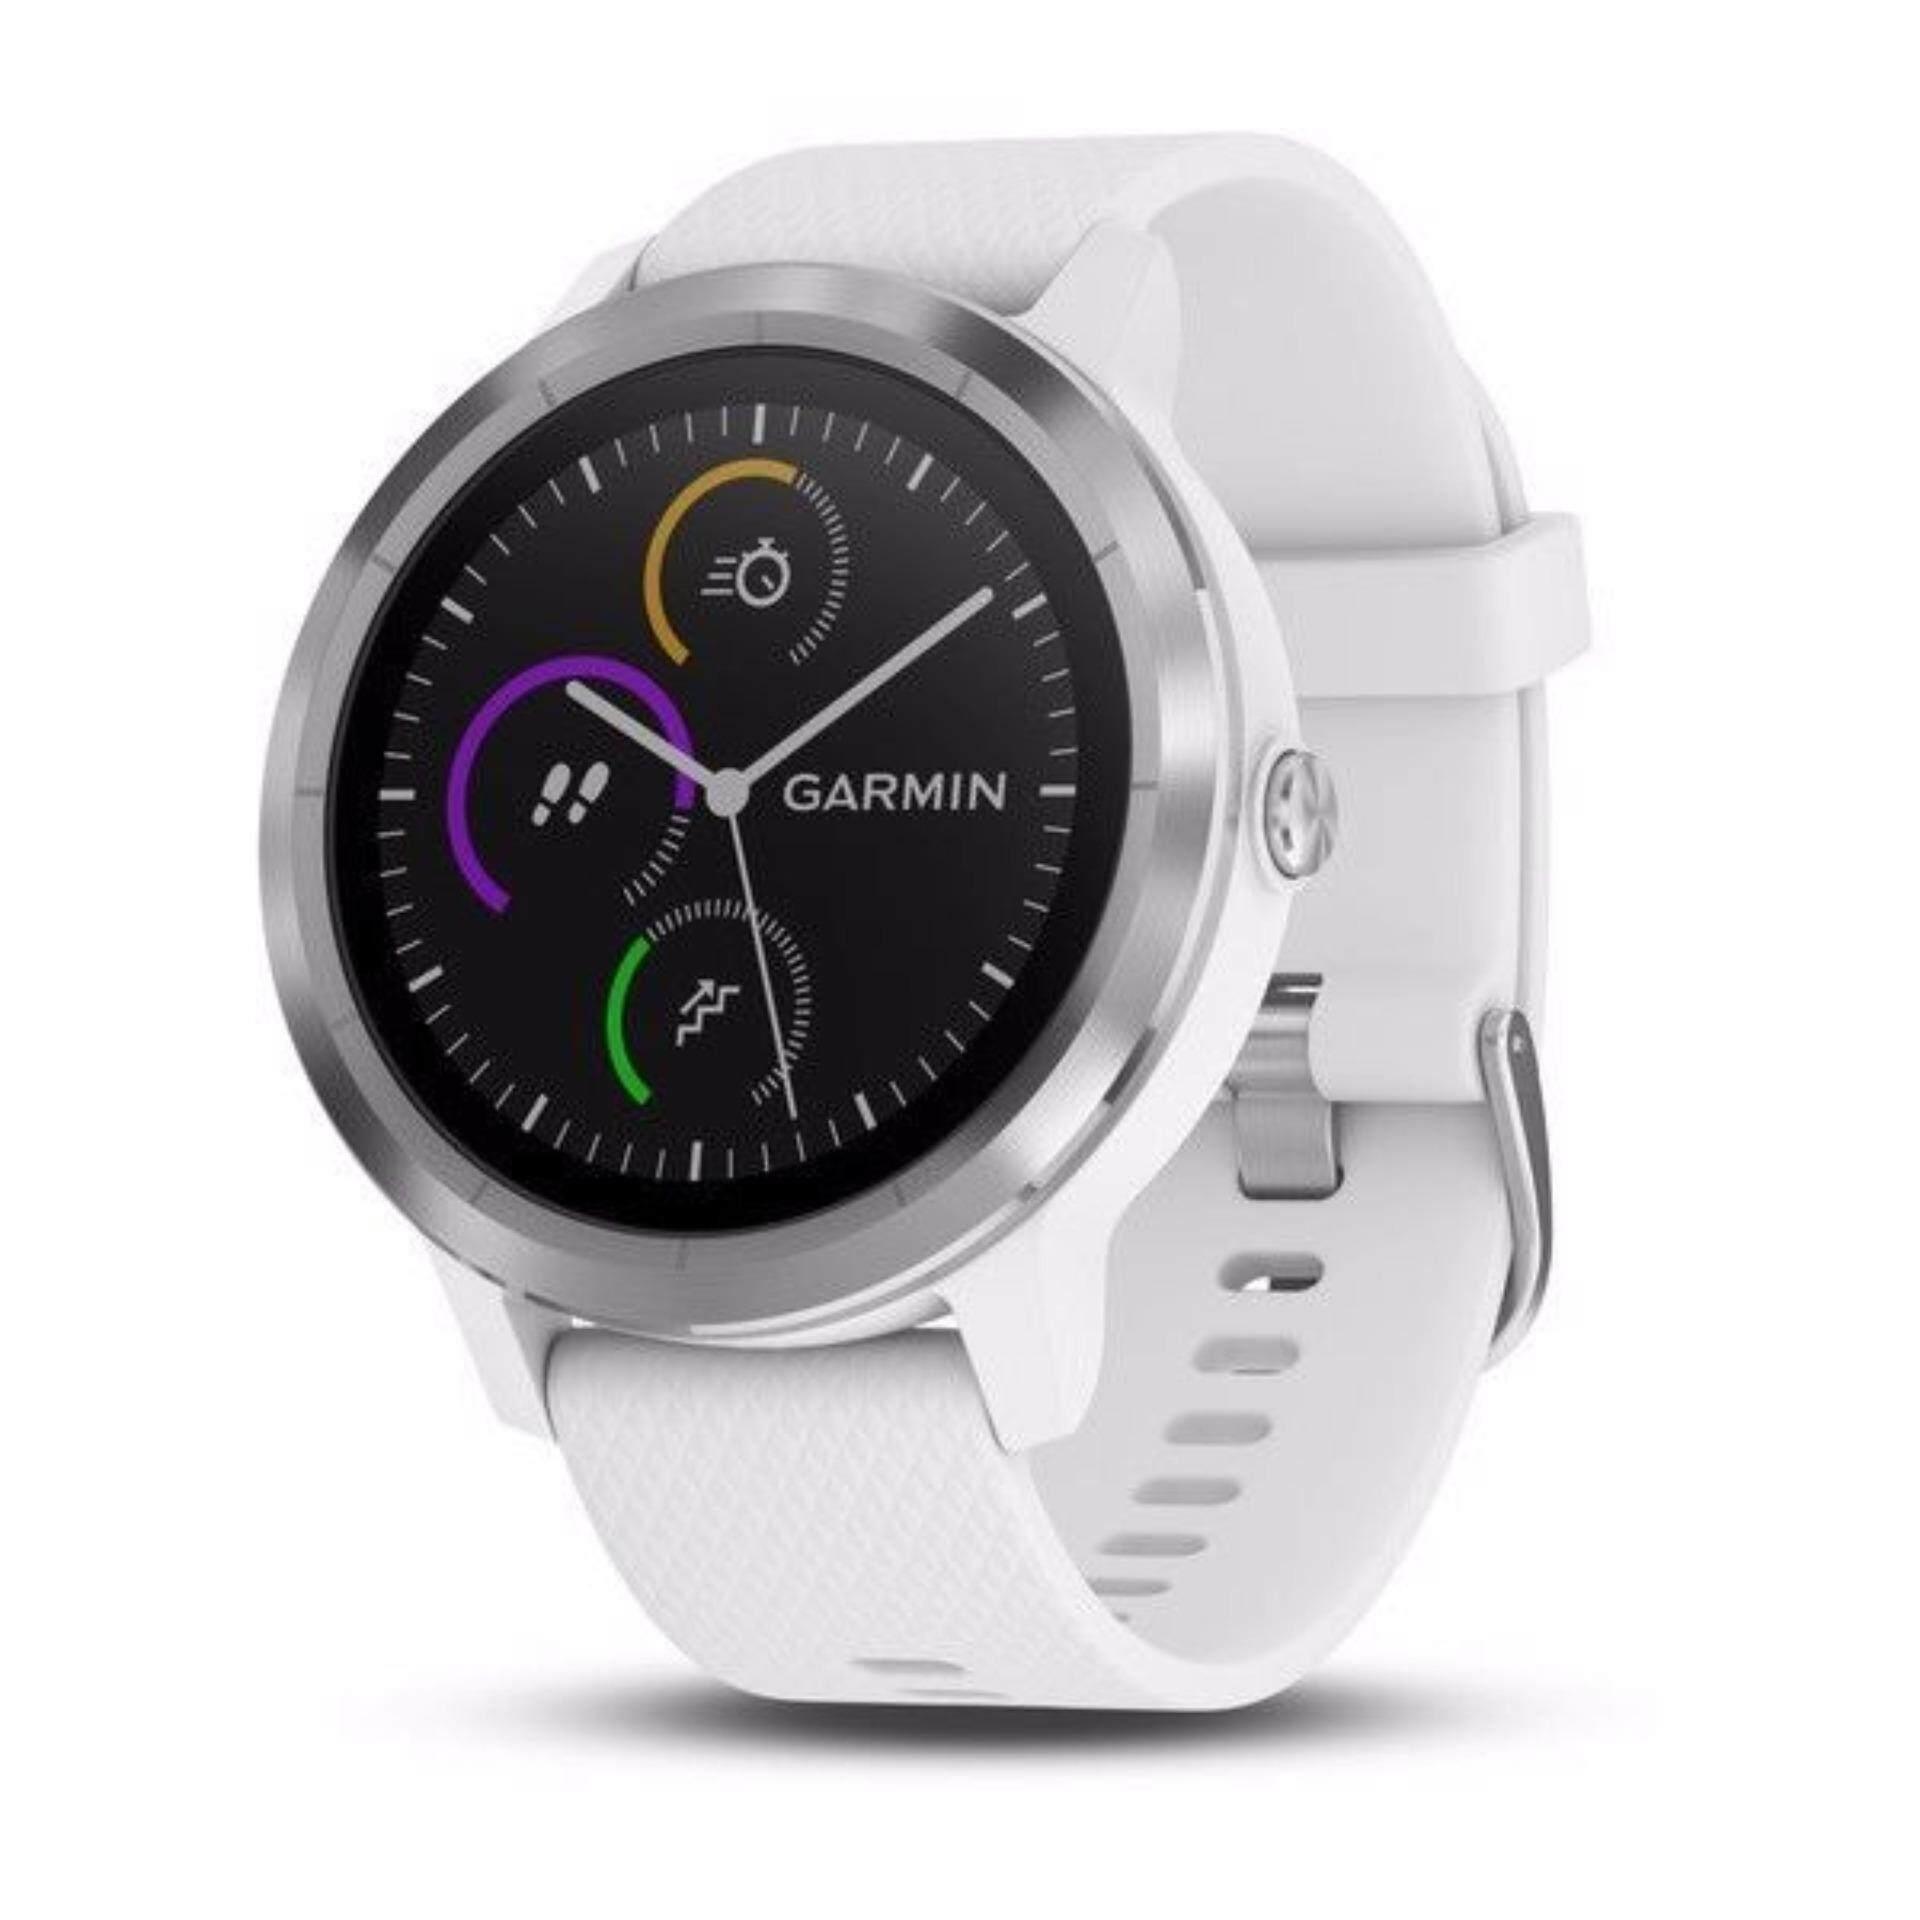 ตราด New arrival !!!! Garmin vivoactive 3 White&Stainless นาฬิกาอัจฉริยะ